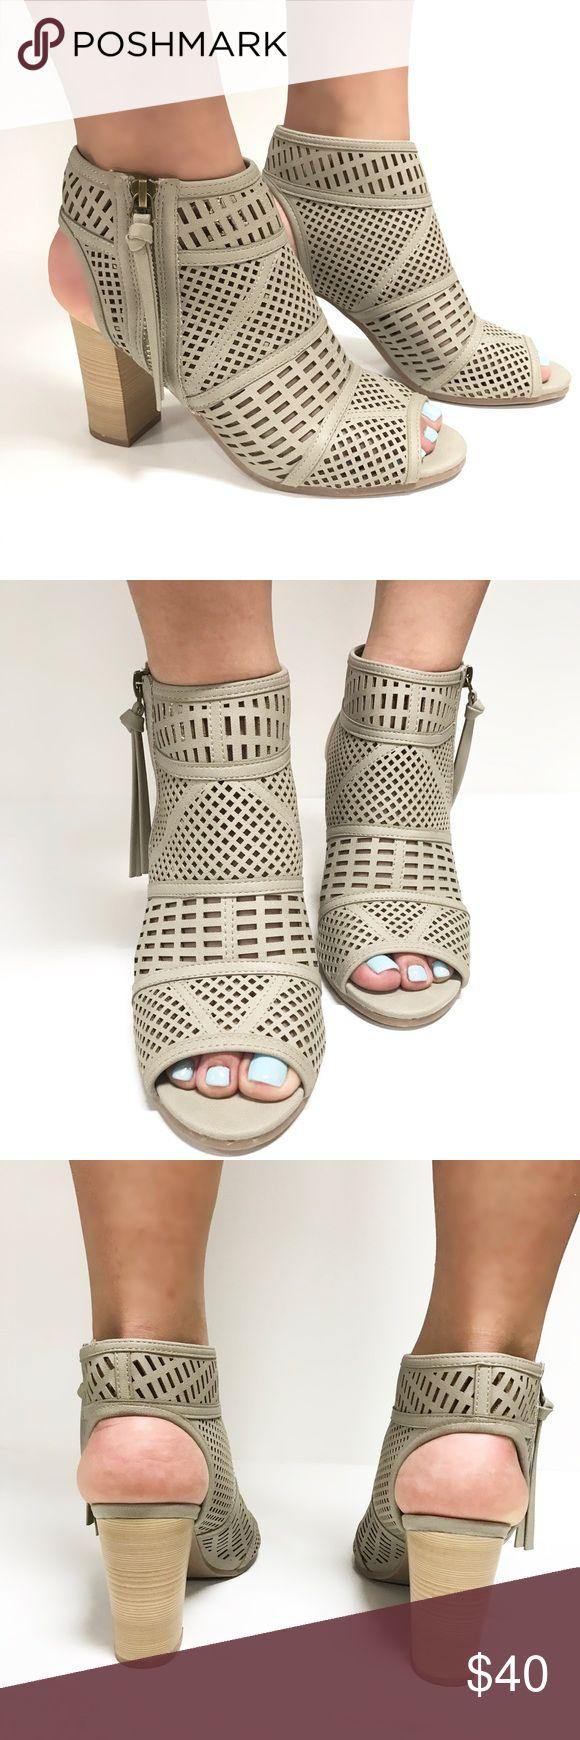 1000  ideas about Cream Heeled Sandals on Pinterest   Kitten heel